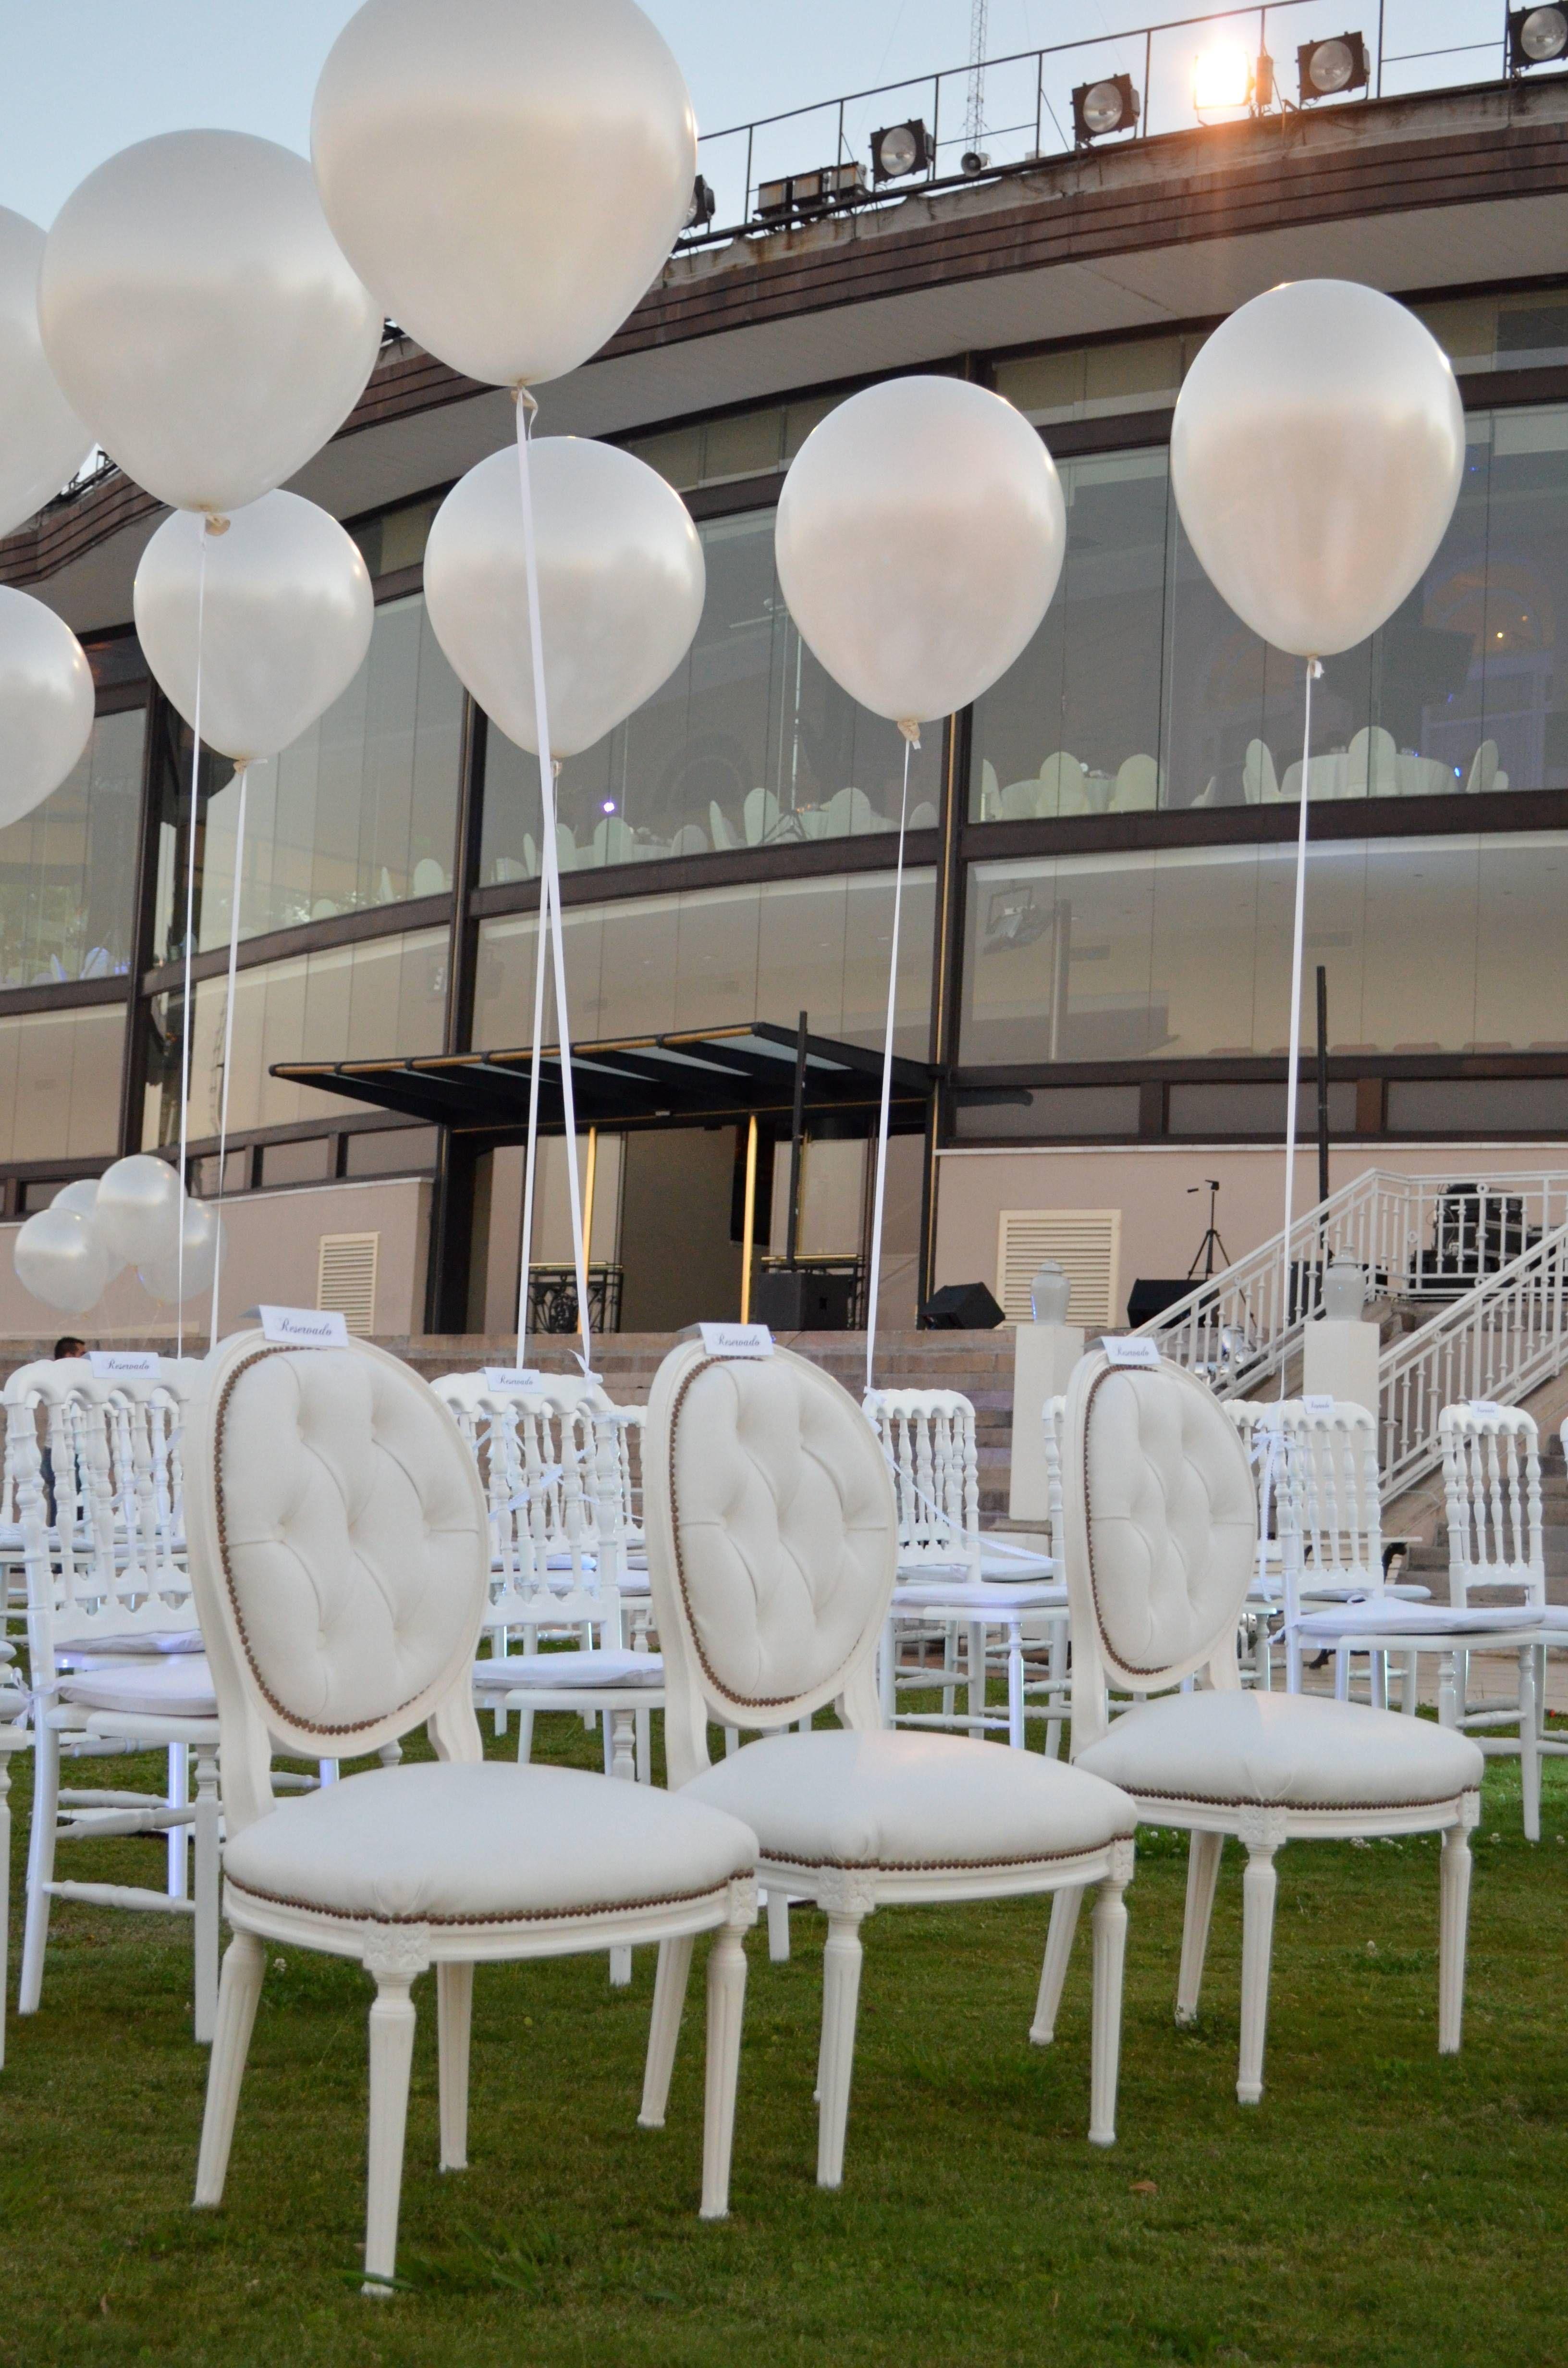 443065ef2 Globos blancos  Un civil lleno de elegancia y sofisticación - por Ramiro  Arzuaga